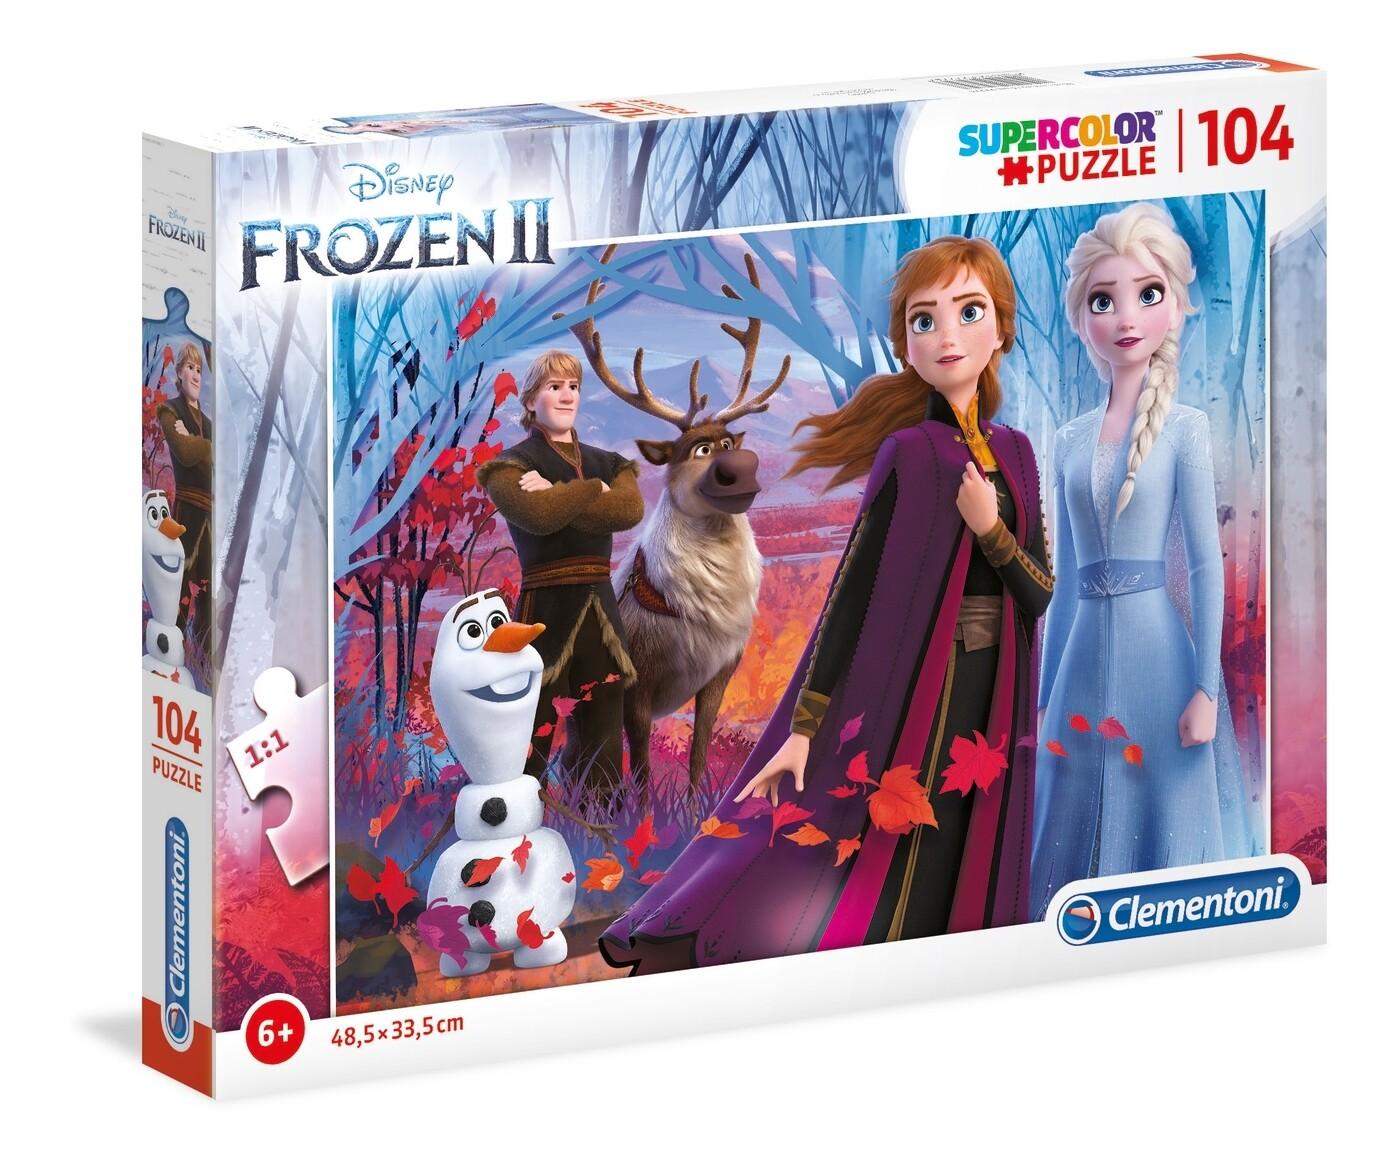 PUZZLE Super 104 pcs Frozen 2 - CLEMENTONI